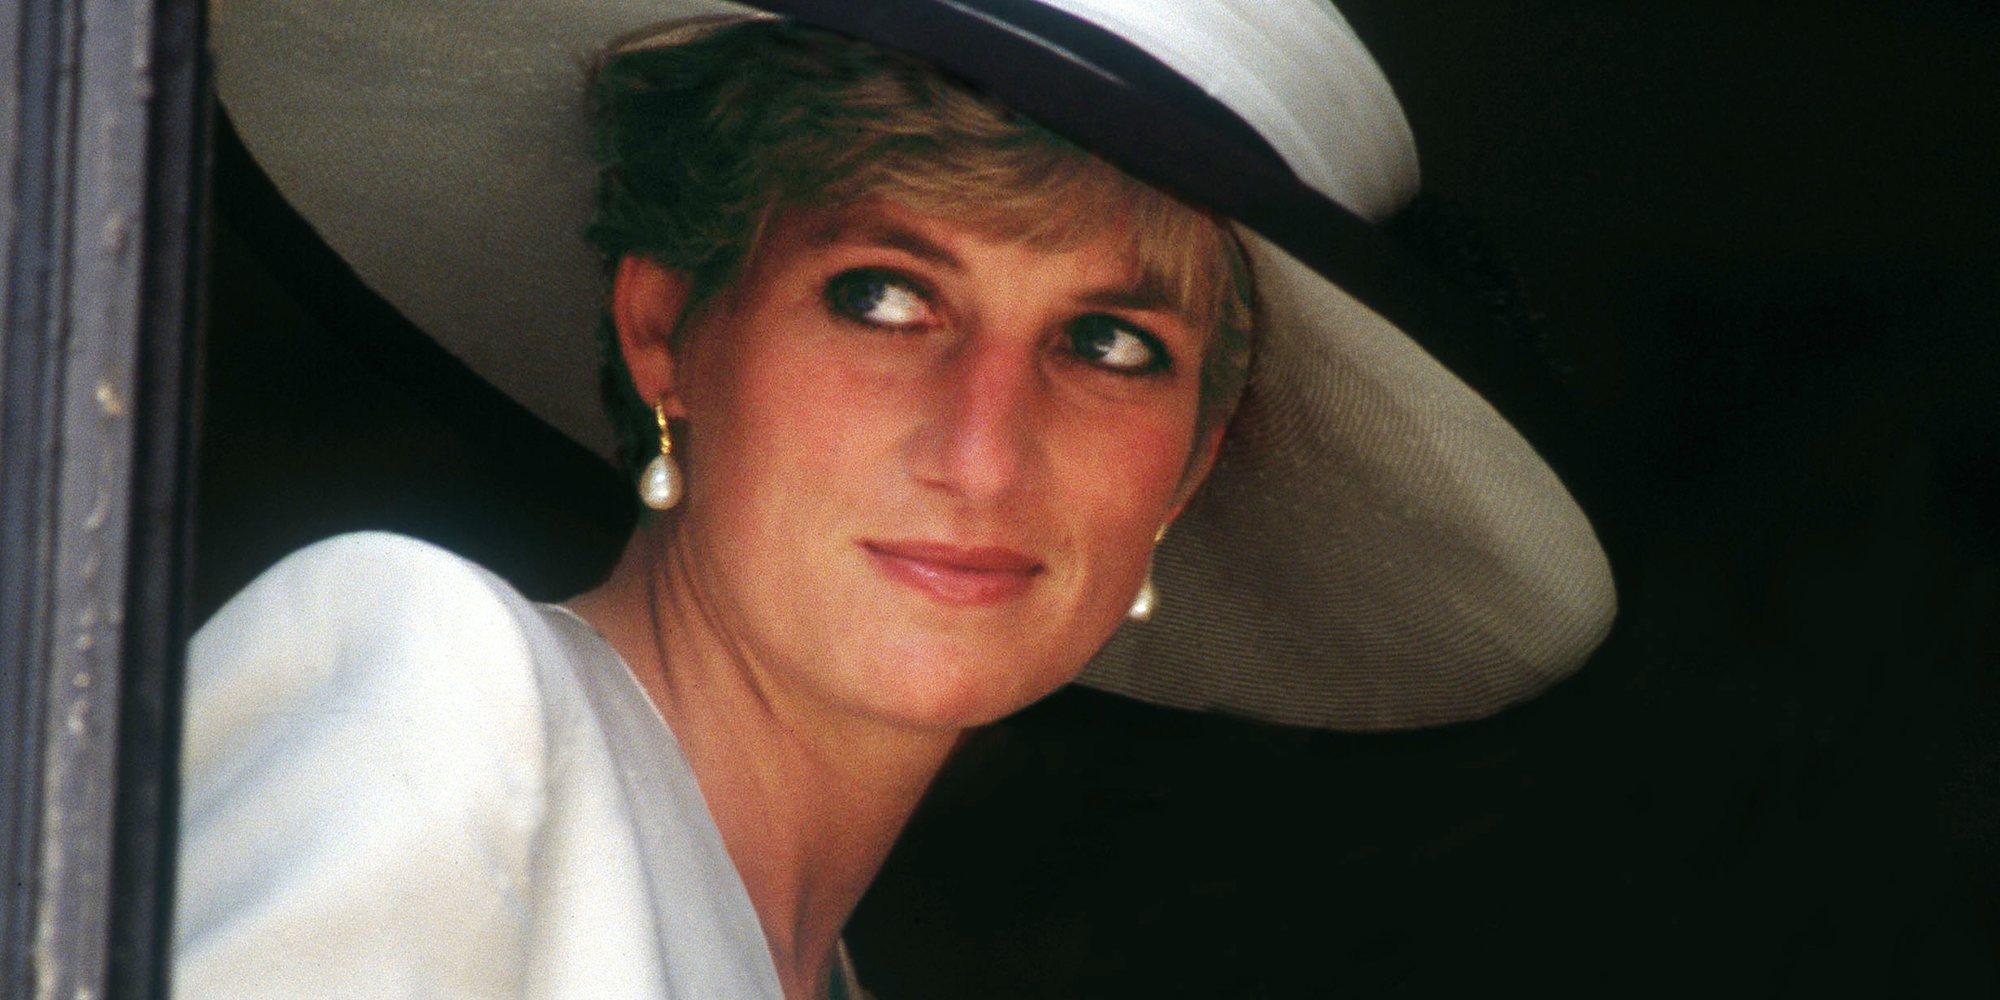 25 años desde la entrevista más personal de Lady Di: Lo que todavía queda por descubrir